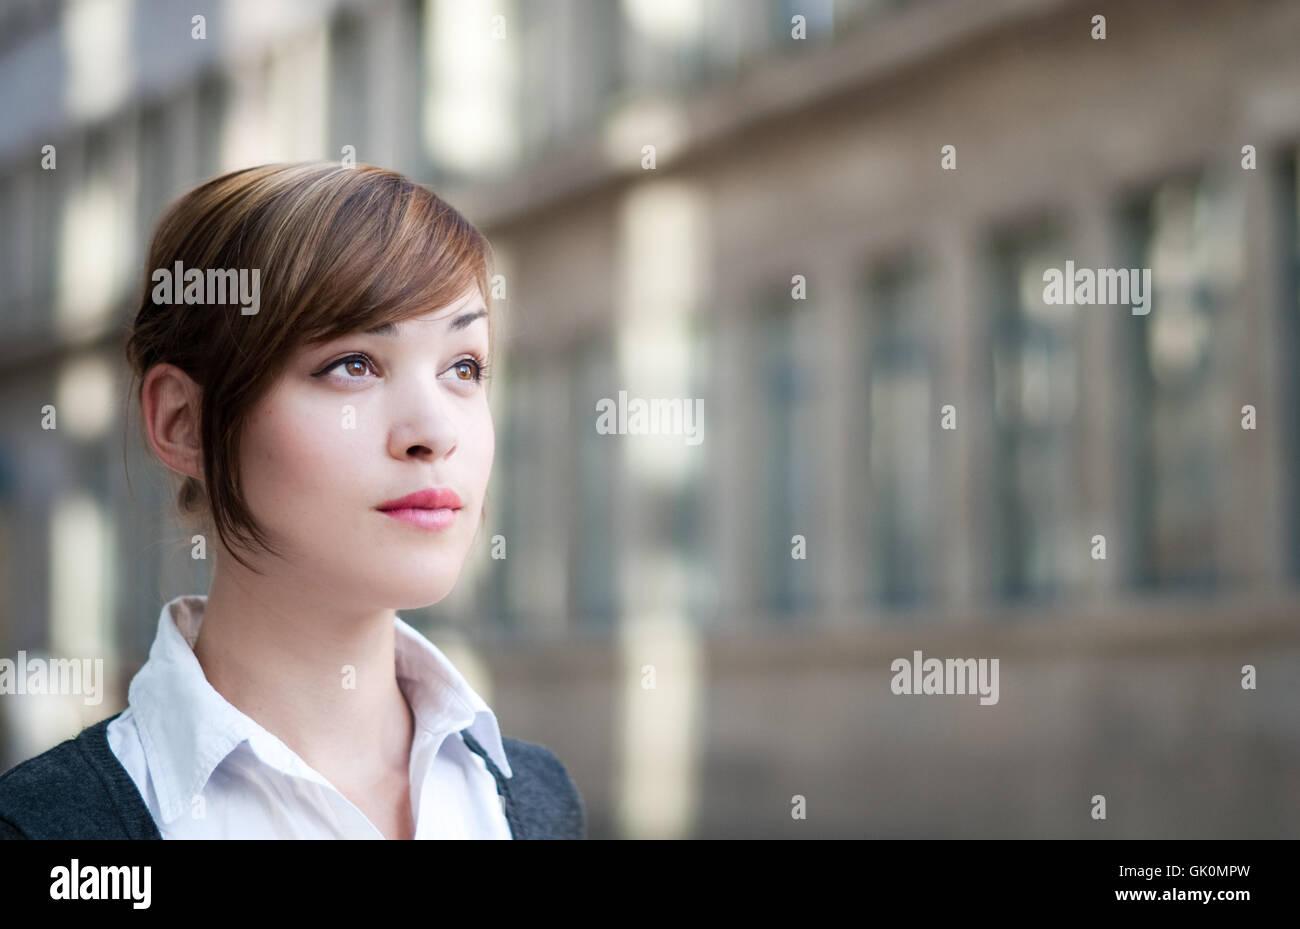 Imprenditrice guarda al futuro Immagini Stock